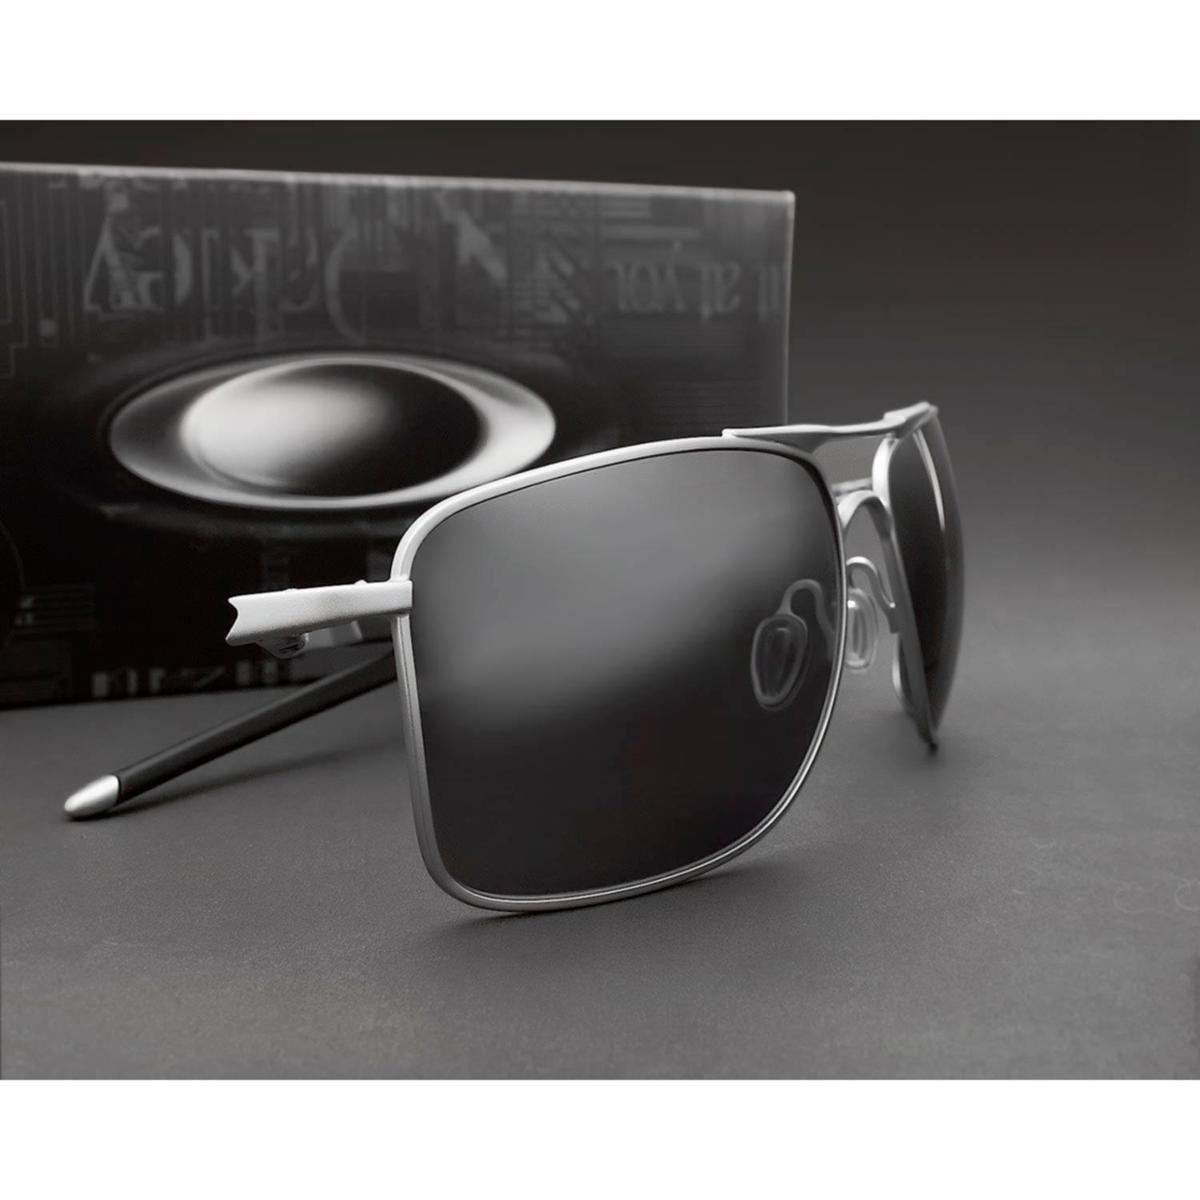 05bf6f7fffb03 Óculos de Sol Oakley Gauge 8 004124 07-62 Polarizado - Prata e Preto ...